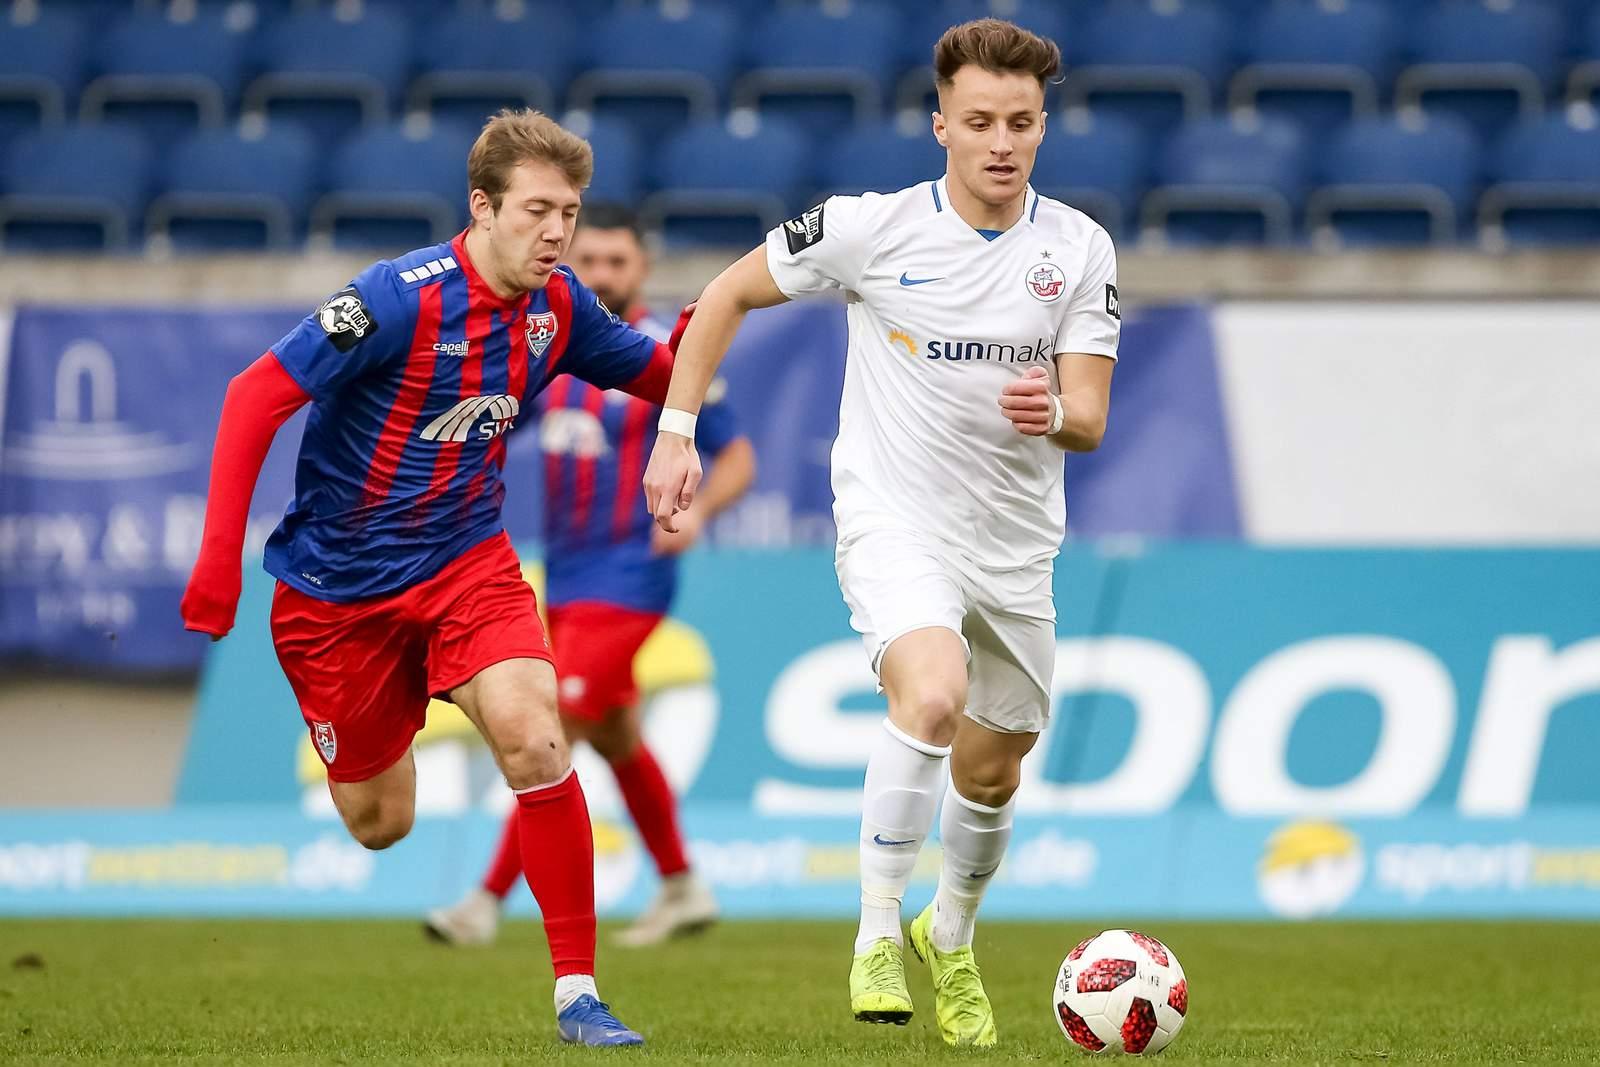 Mirnes Pepic vom FC Hansa gegen Connor Krempicki vom KFC Uerdingen